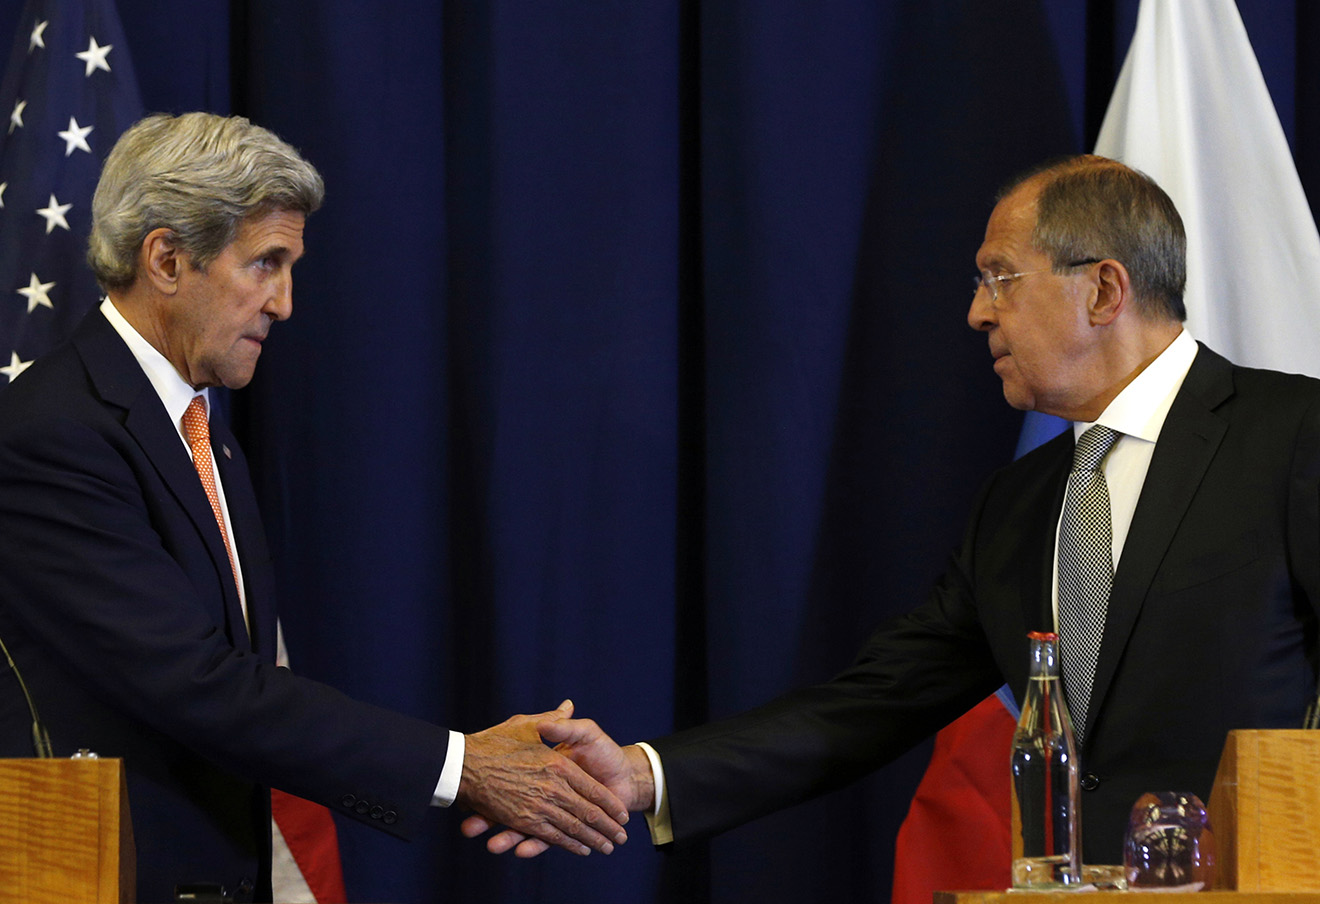 Госсекретарь США Джон Керри и министр иностранных дел России Сергей Лавров на пресс-конференции в Женеве, посвященной войне в Сирии. 9 сентября 2016. Фото: Kevin Lamarque / AP